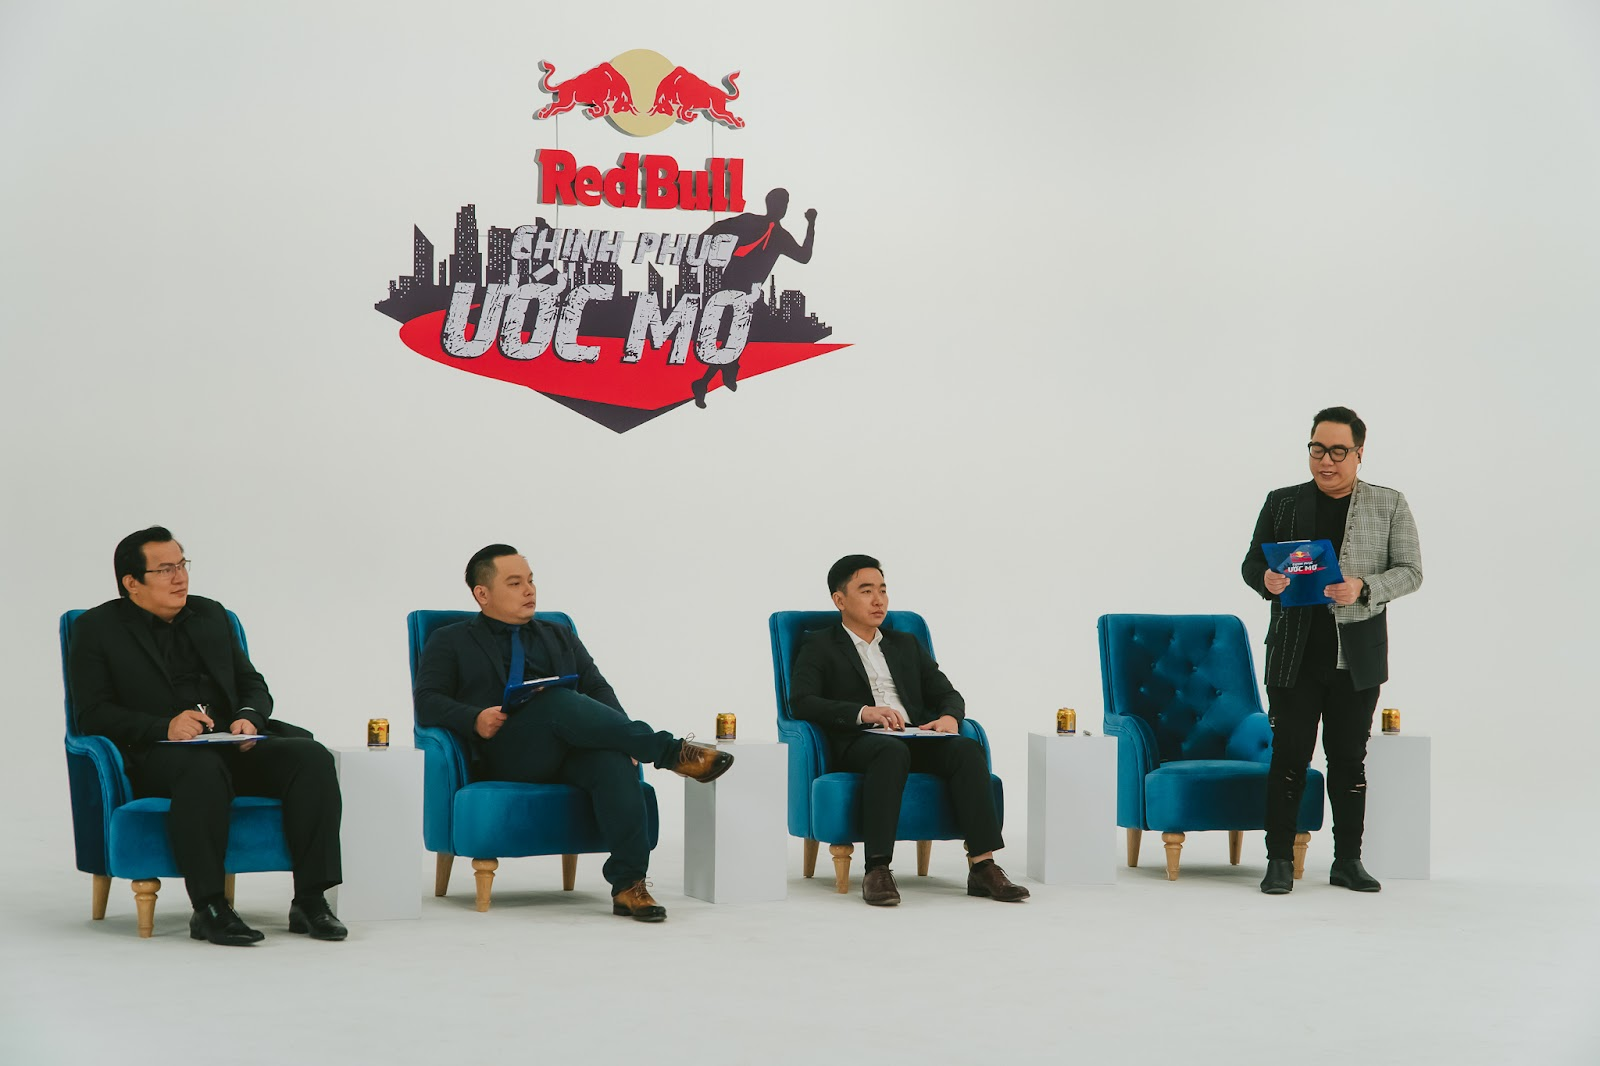 Ai sẽ được cứu vào Chung kết Red Bull - Chinh Phục Ước Mơ? Chính khán giả là người quyết định!